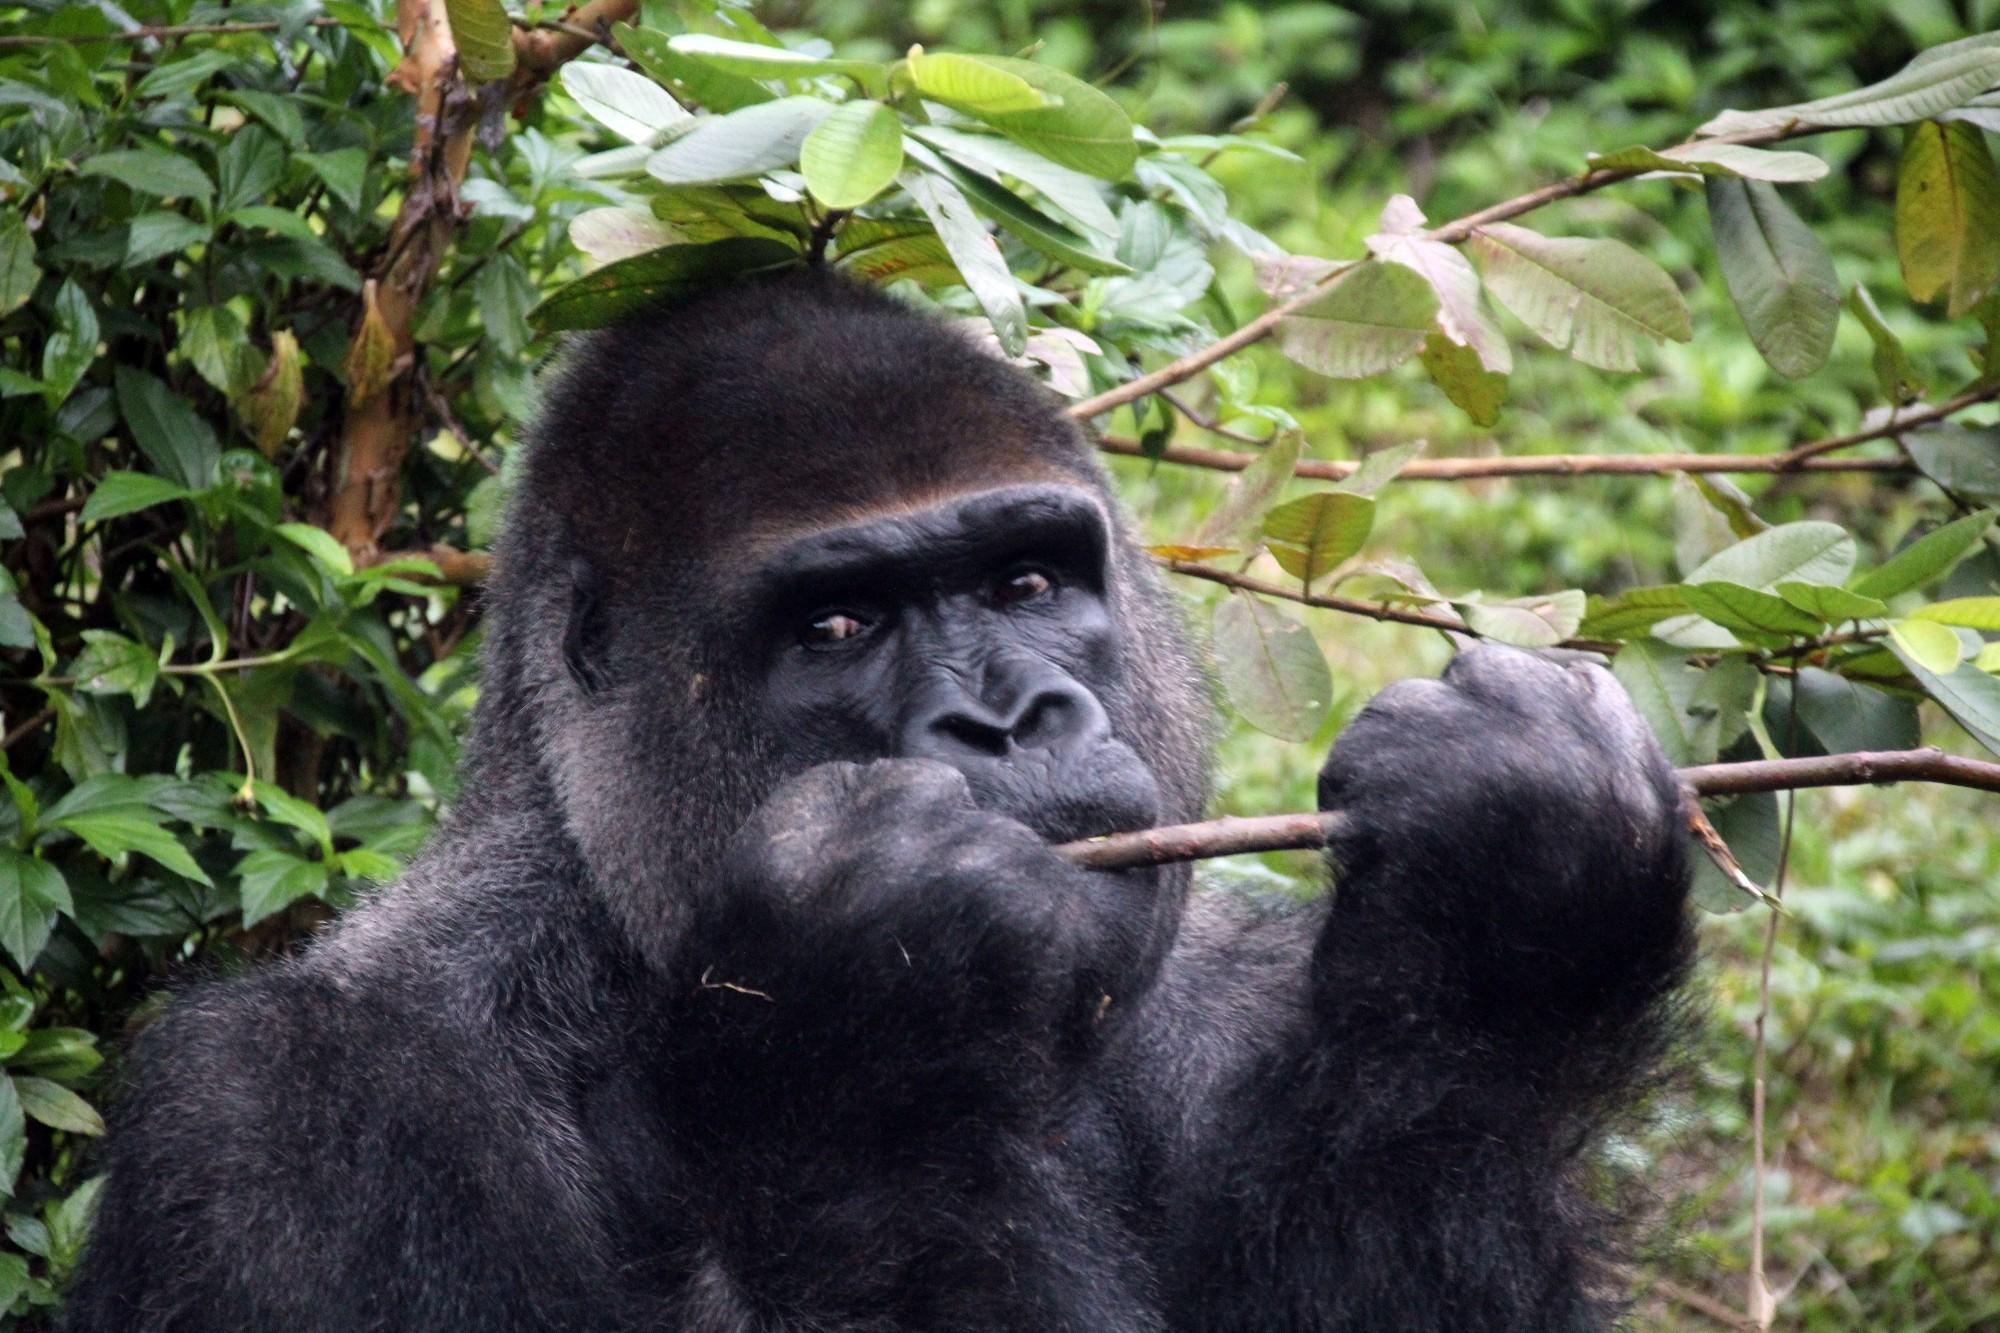 金剛猩猩「寶寶」赴荷蘭傳宗接代 柯P:精子去就好了?